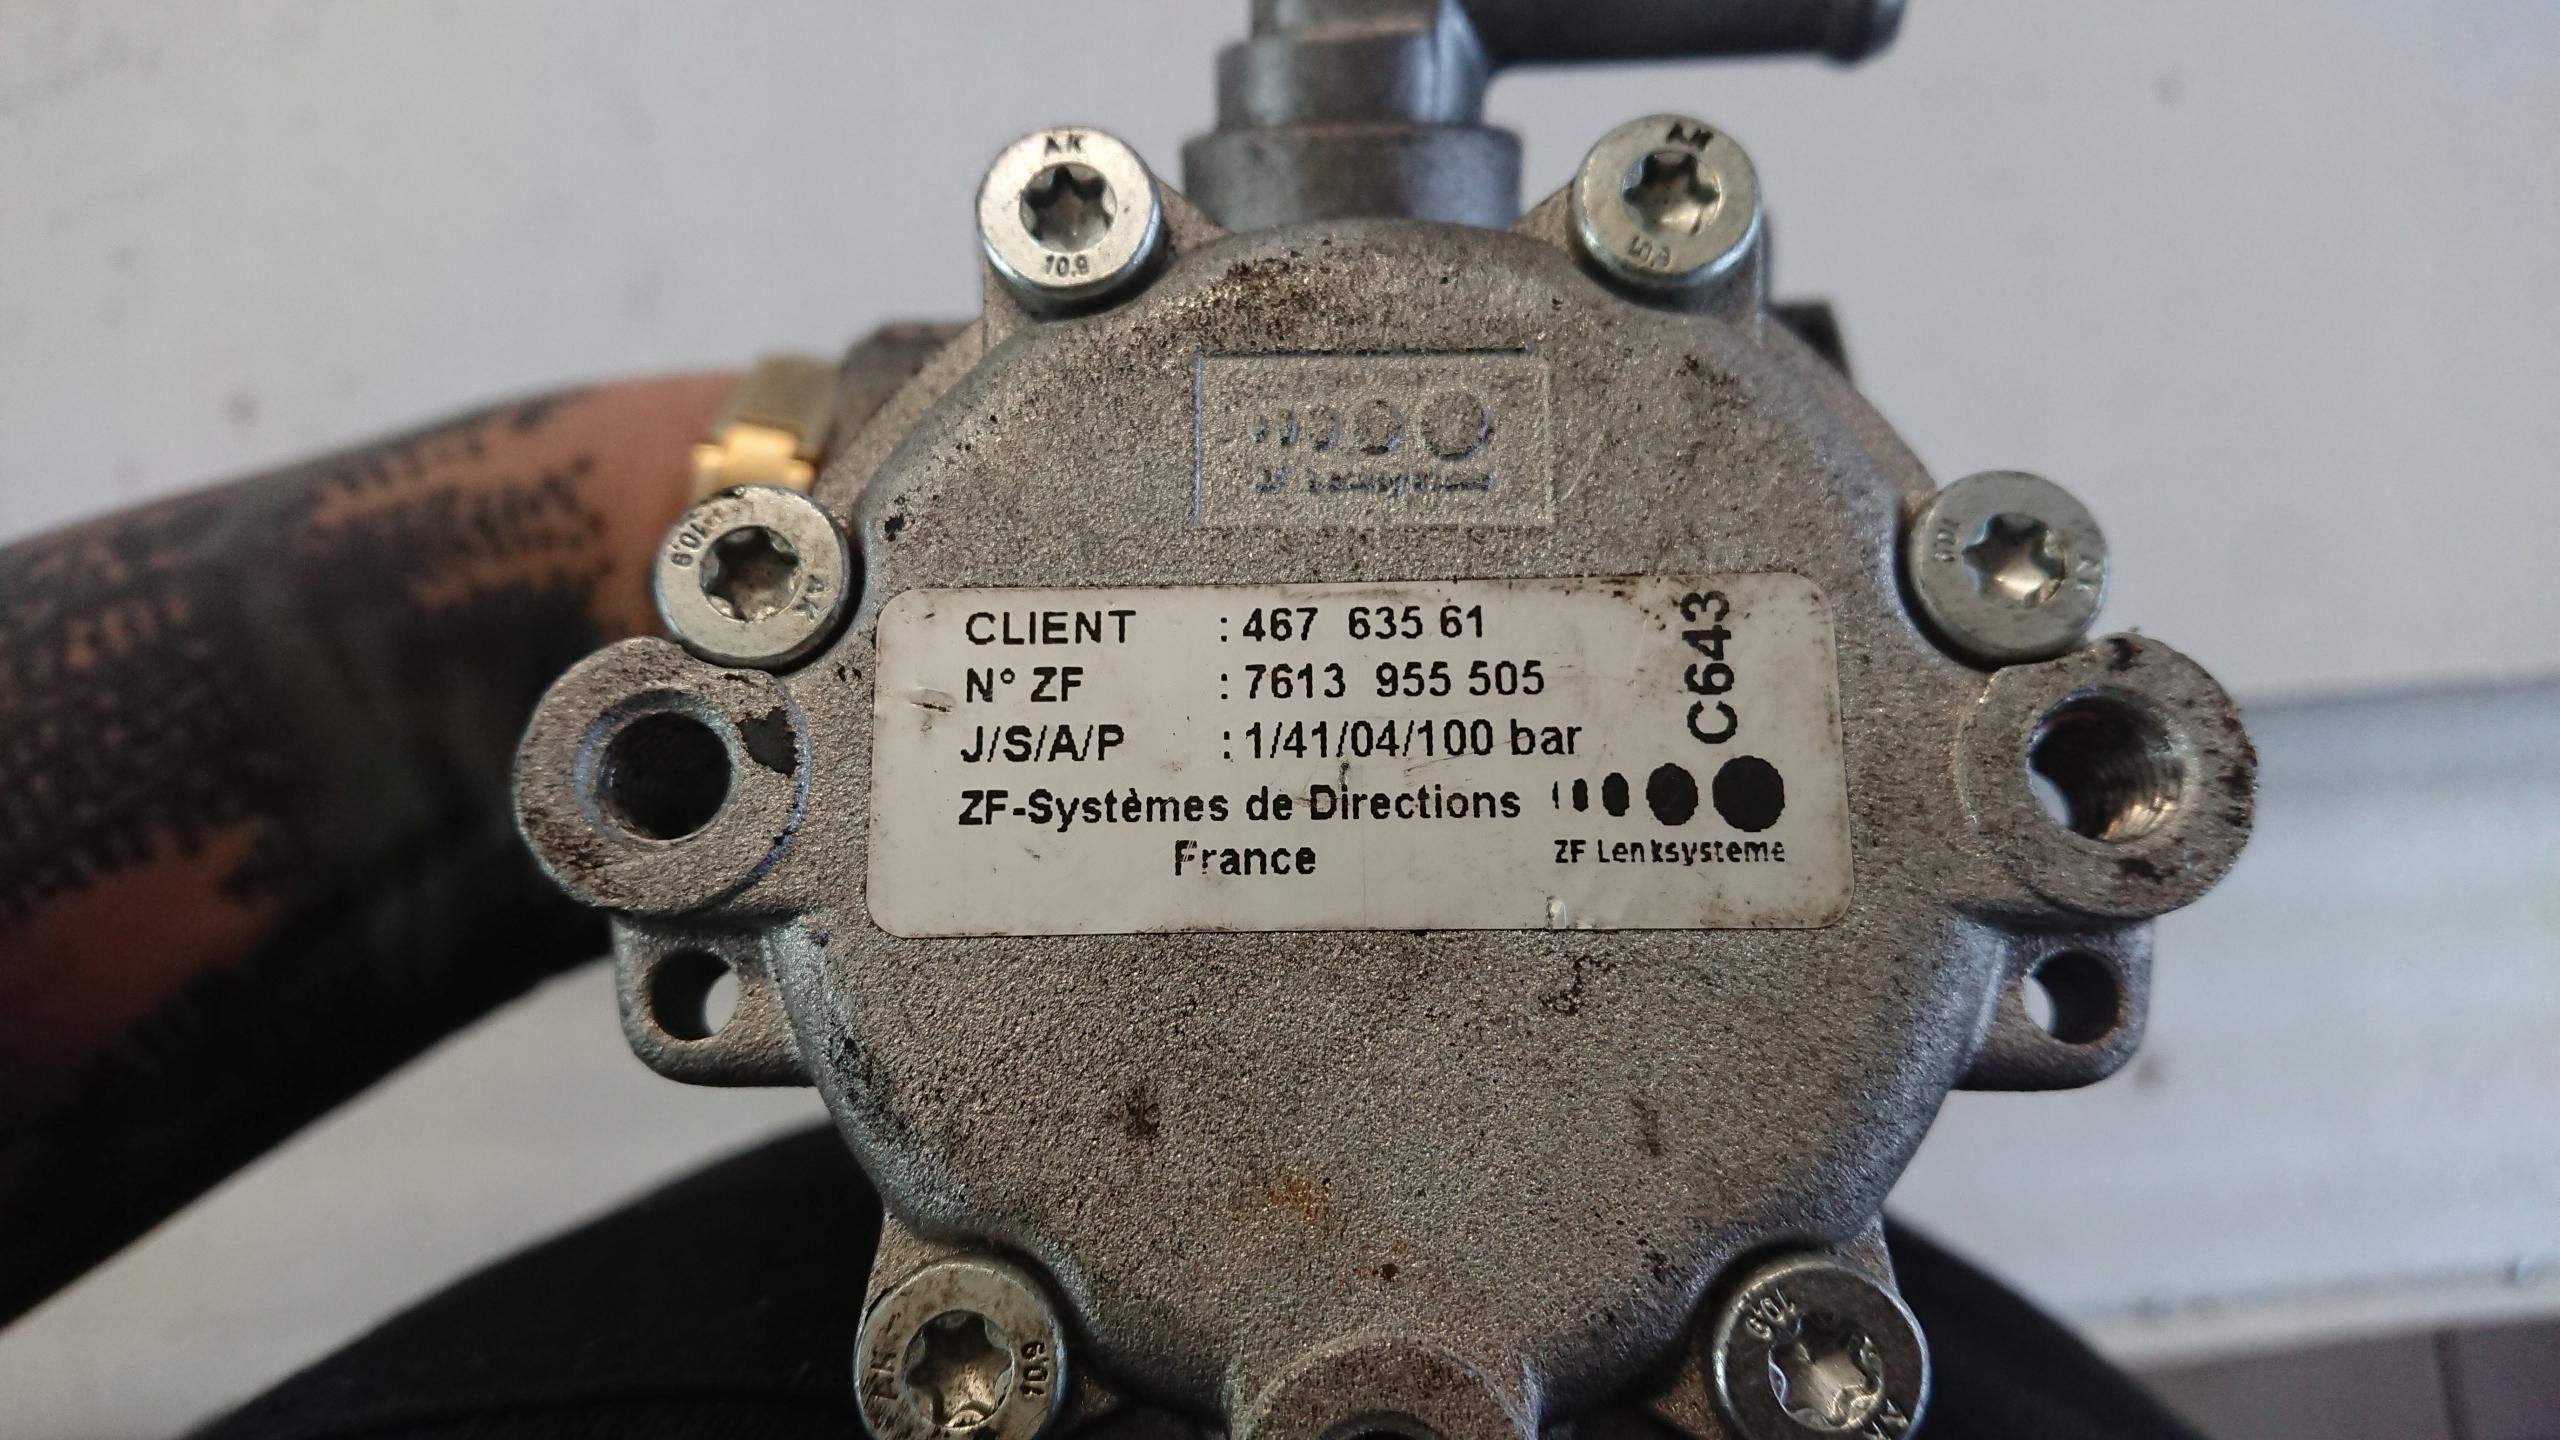 Насос гидроусилителя руля, alfa romeo 147 (альфа ромео), alfa romeo 147 насос гидроусилителя